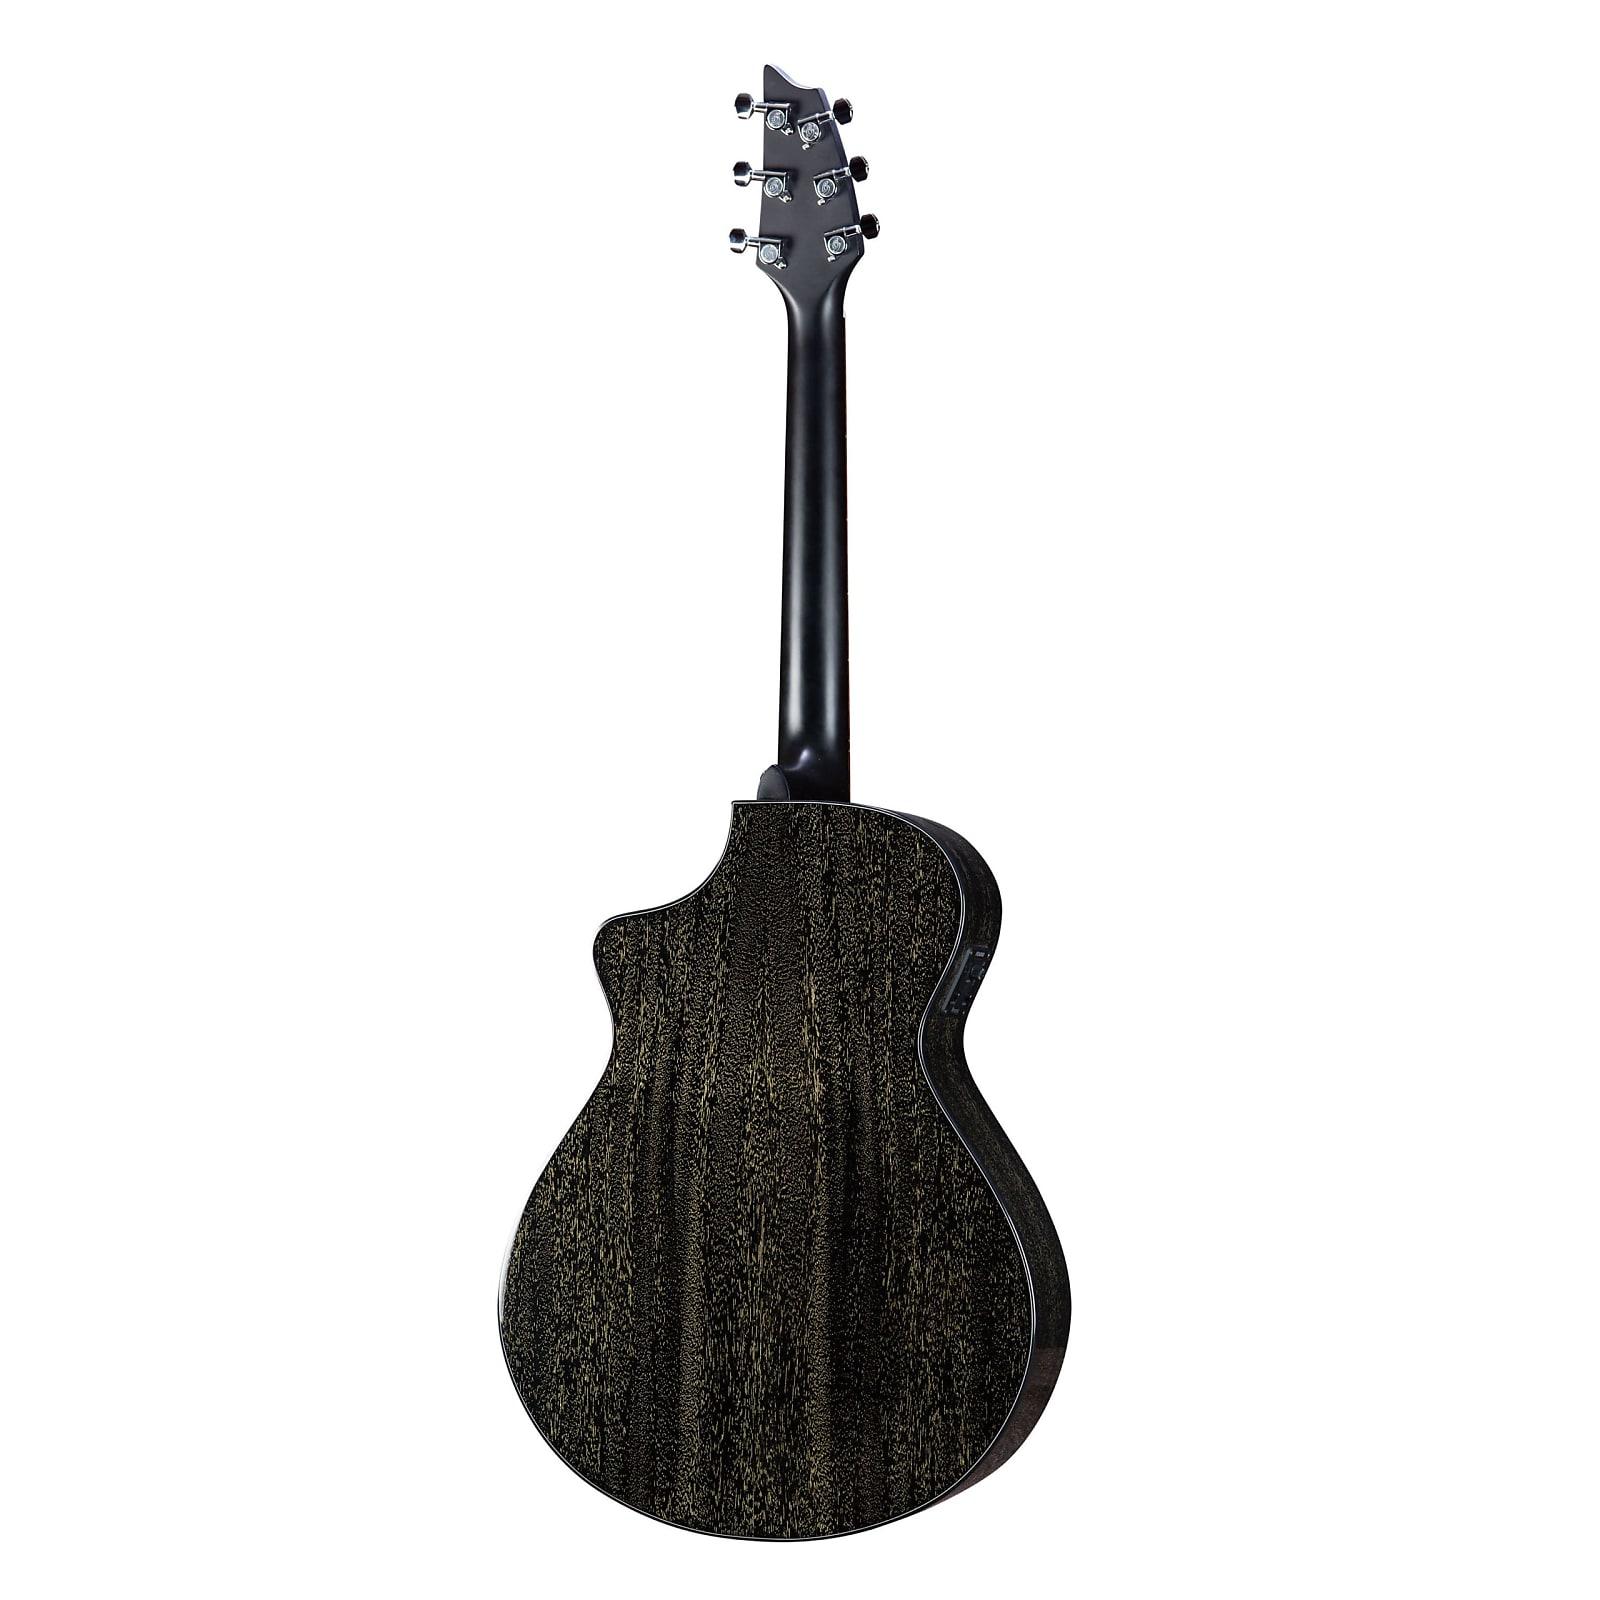 Breedlove Rainforest S Concert Black Gold CE Acoustic/Electric Guitar